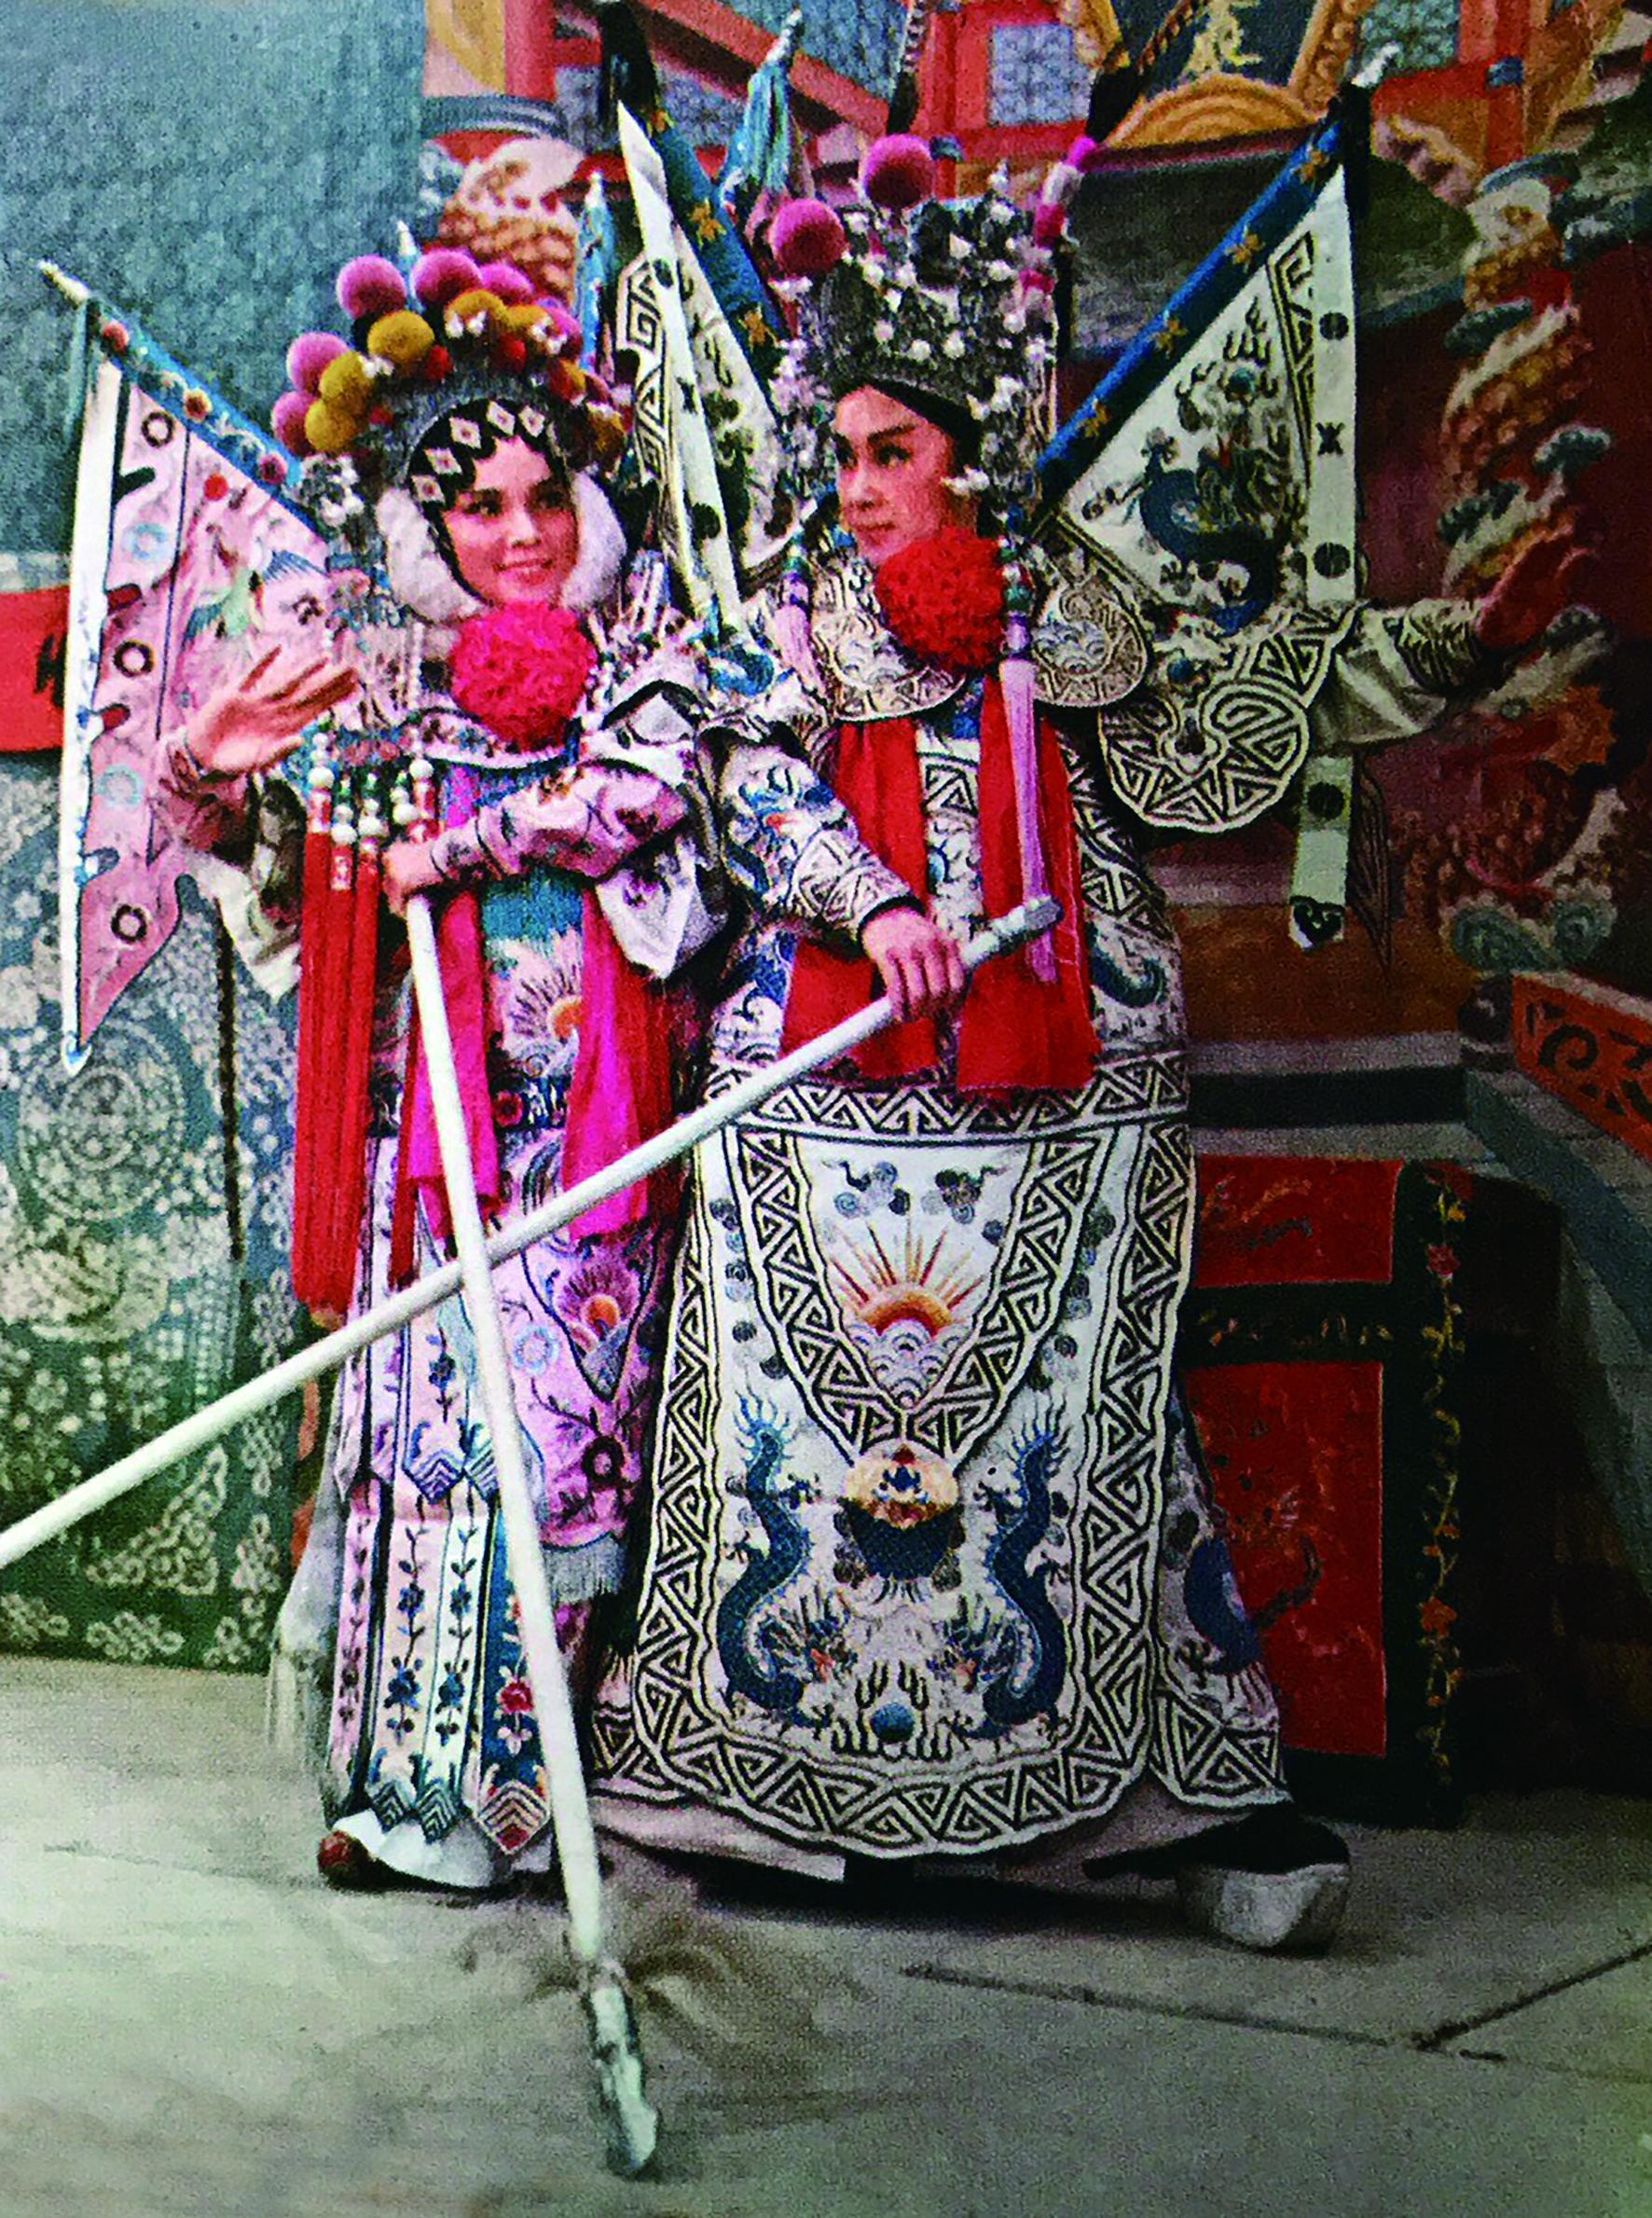 王金櫻與柳青當了螢幕情侶20年,但在現實生活中數十年情誼難忘.jpg